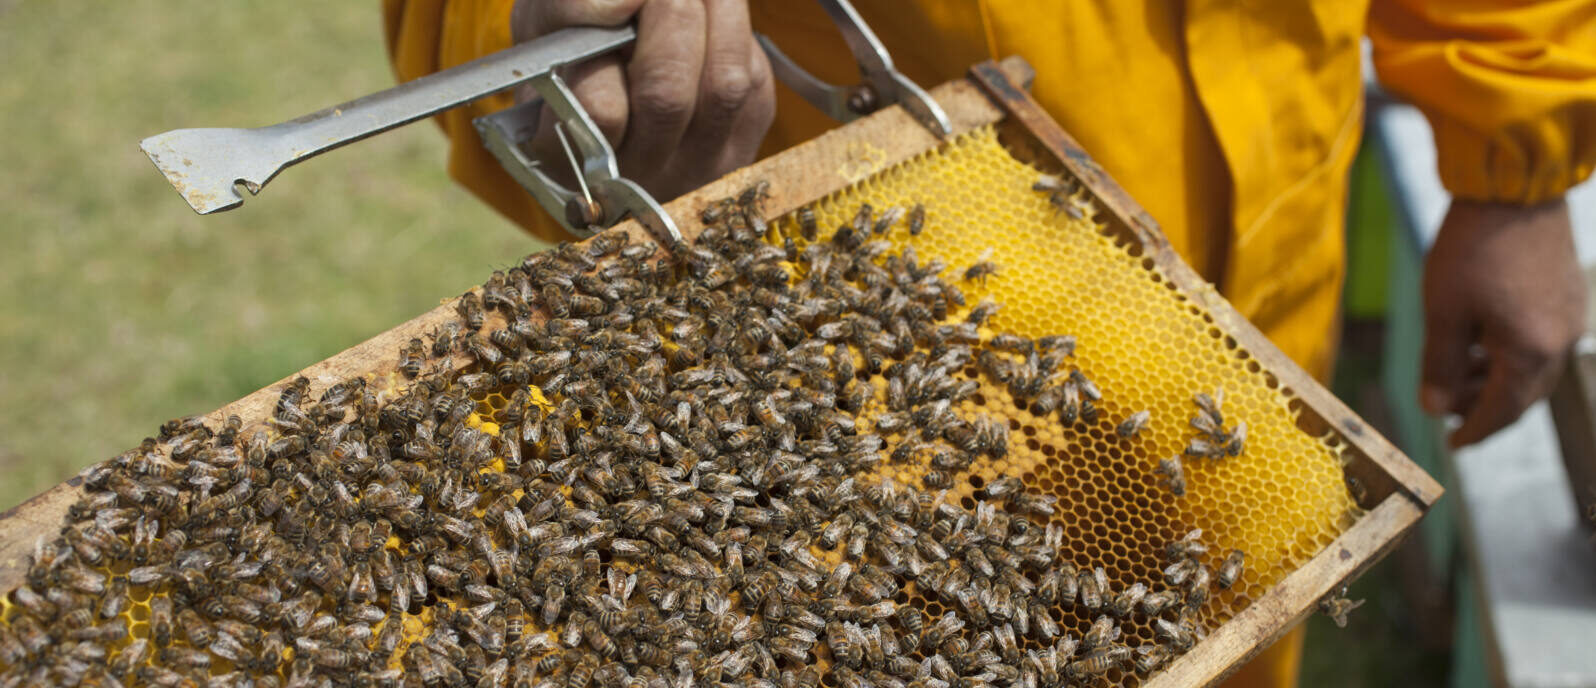 Fairtrade-Imker hält einen Rahmen mit Bienenwaben und Bienen in der Hand, auf den Waben sitzen Bienen